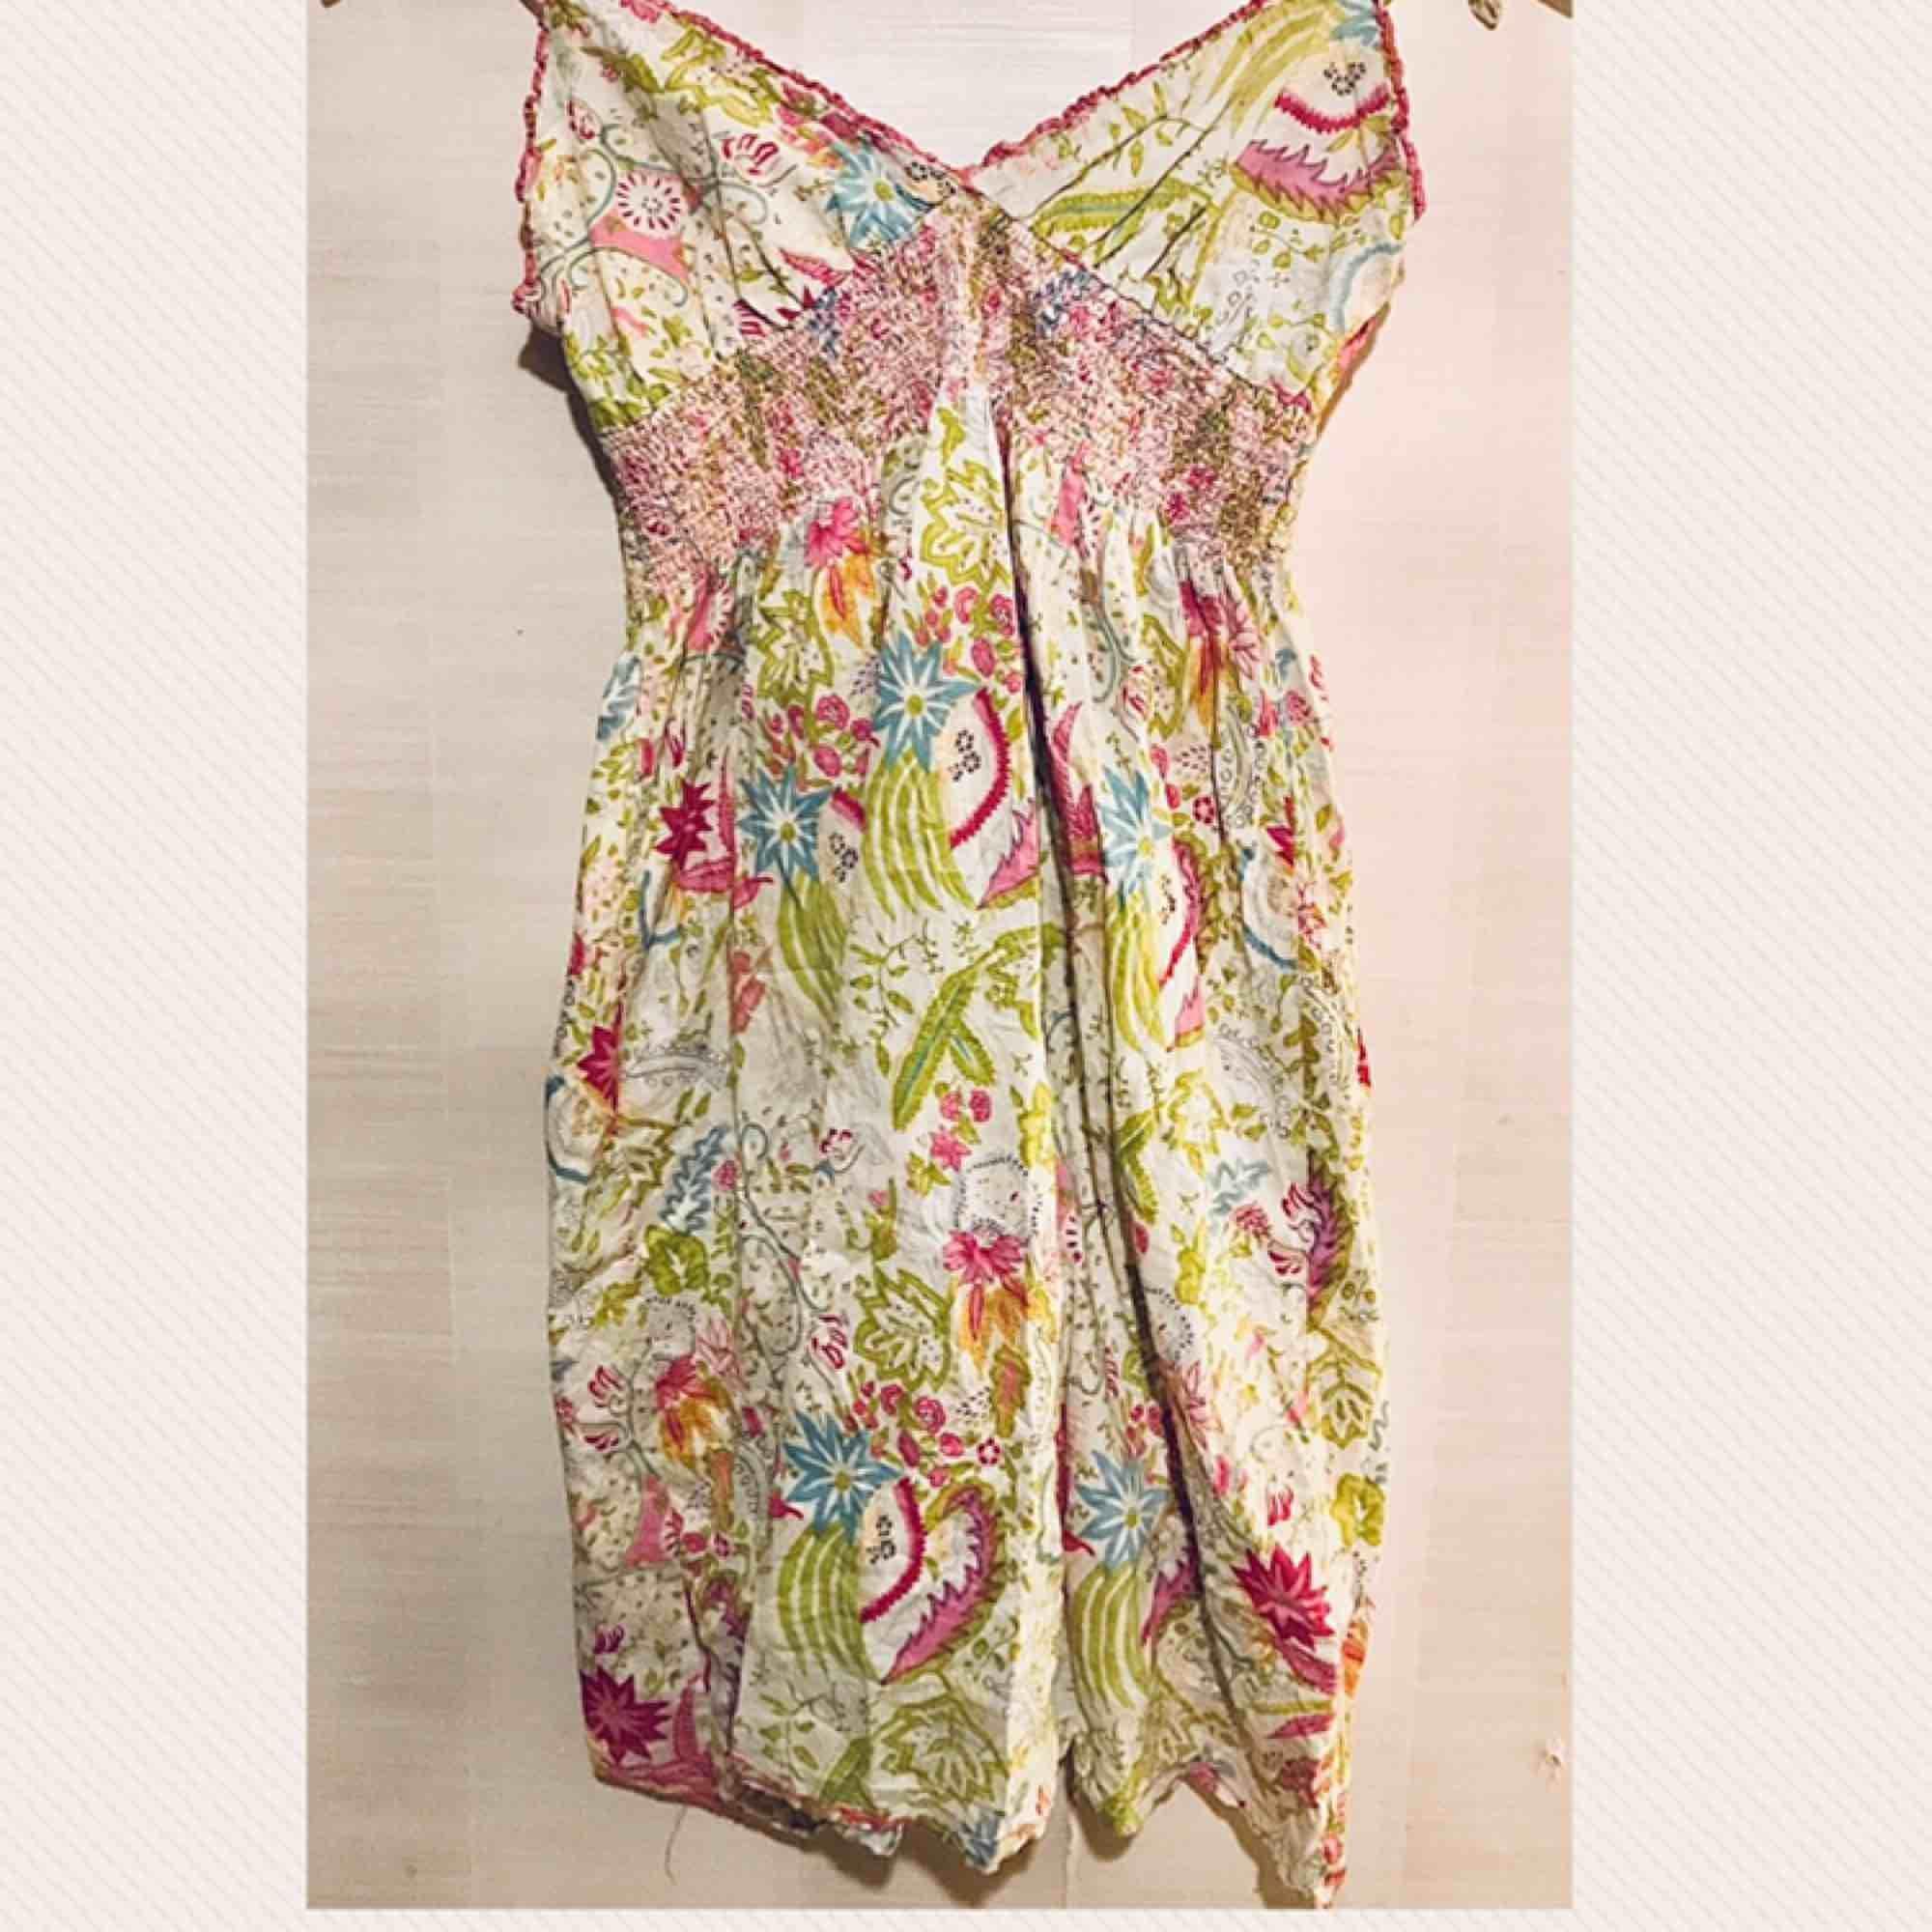 Somrig kort klänning. Klänningar.